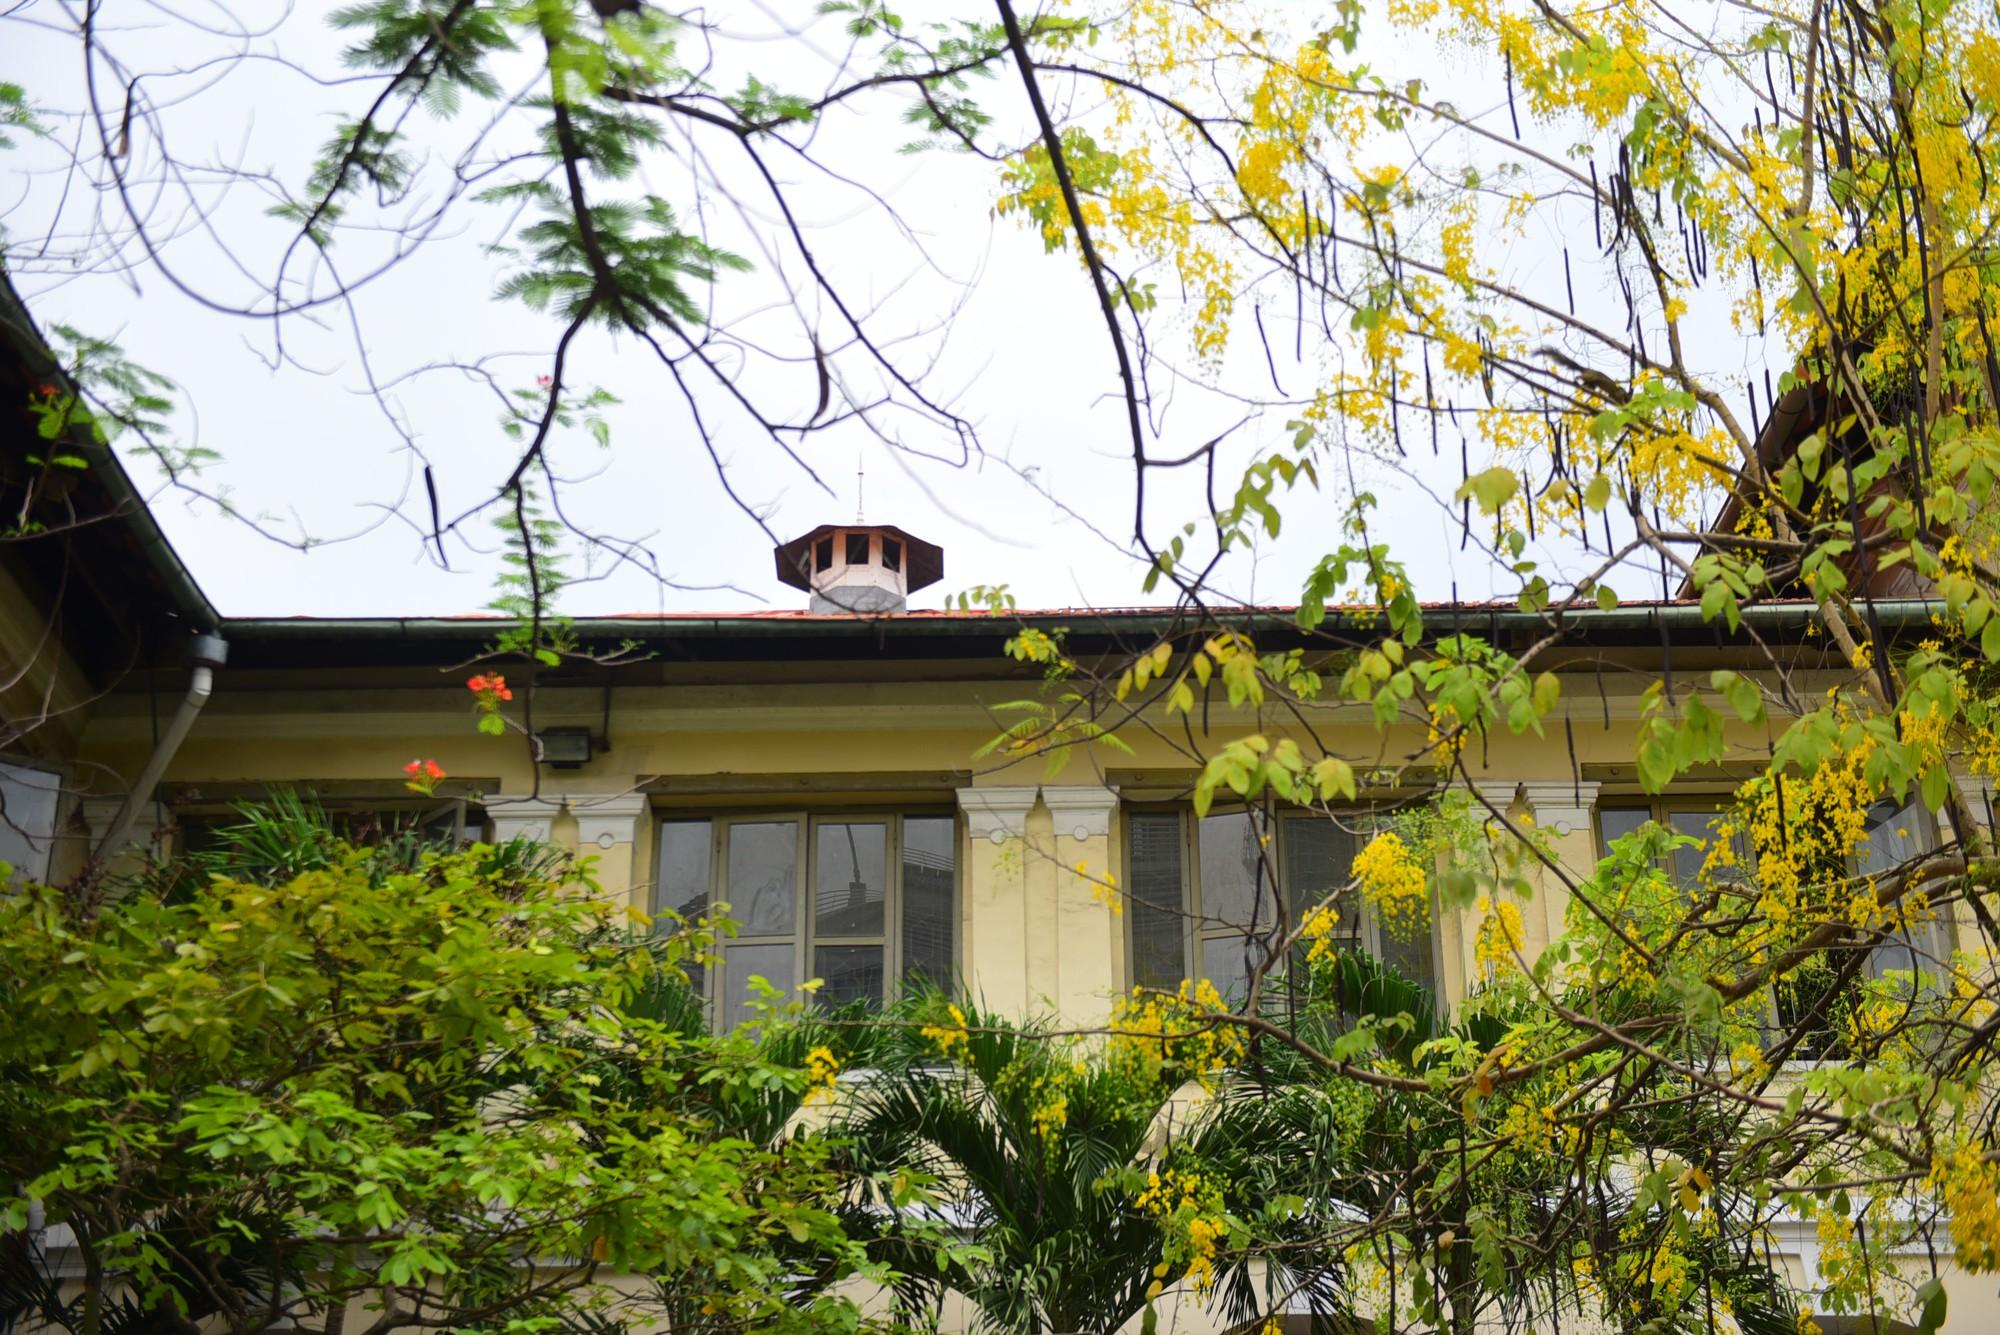 Cận cảnh dinh Thượng Thơ 120 năm tuổi ở Sài Gòn có nguy cơ bị đập bỏ - Ảnh 12.